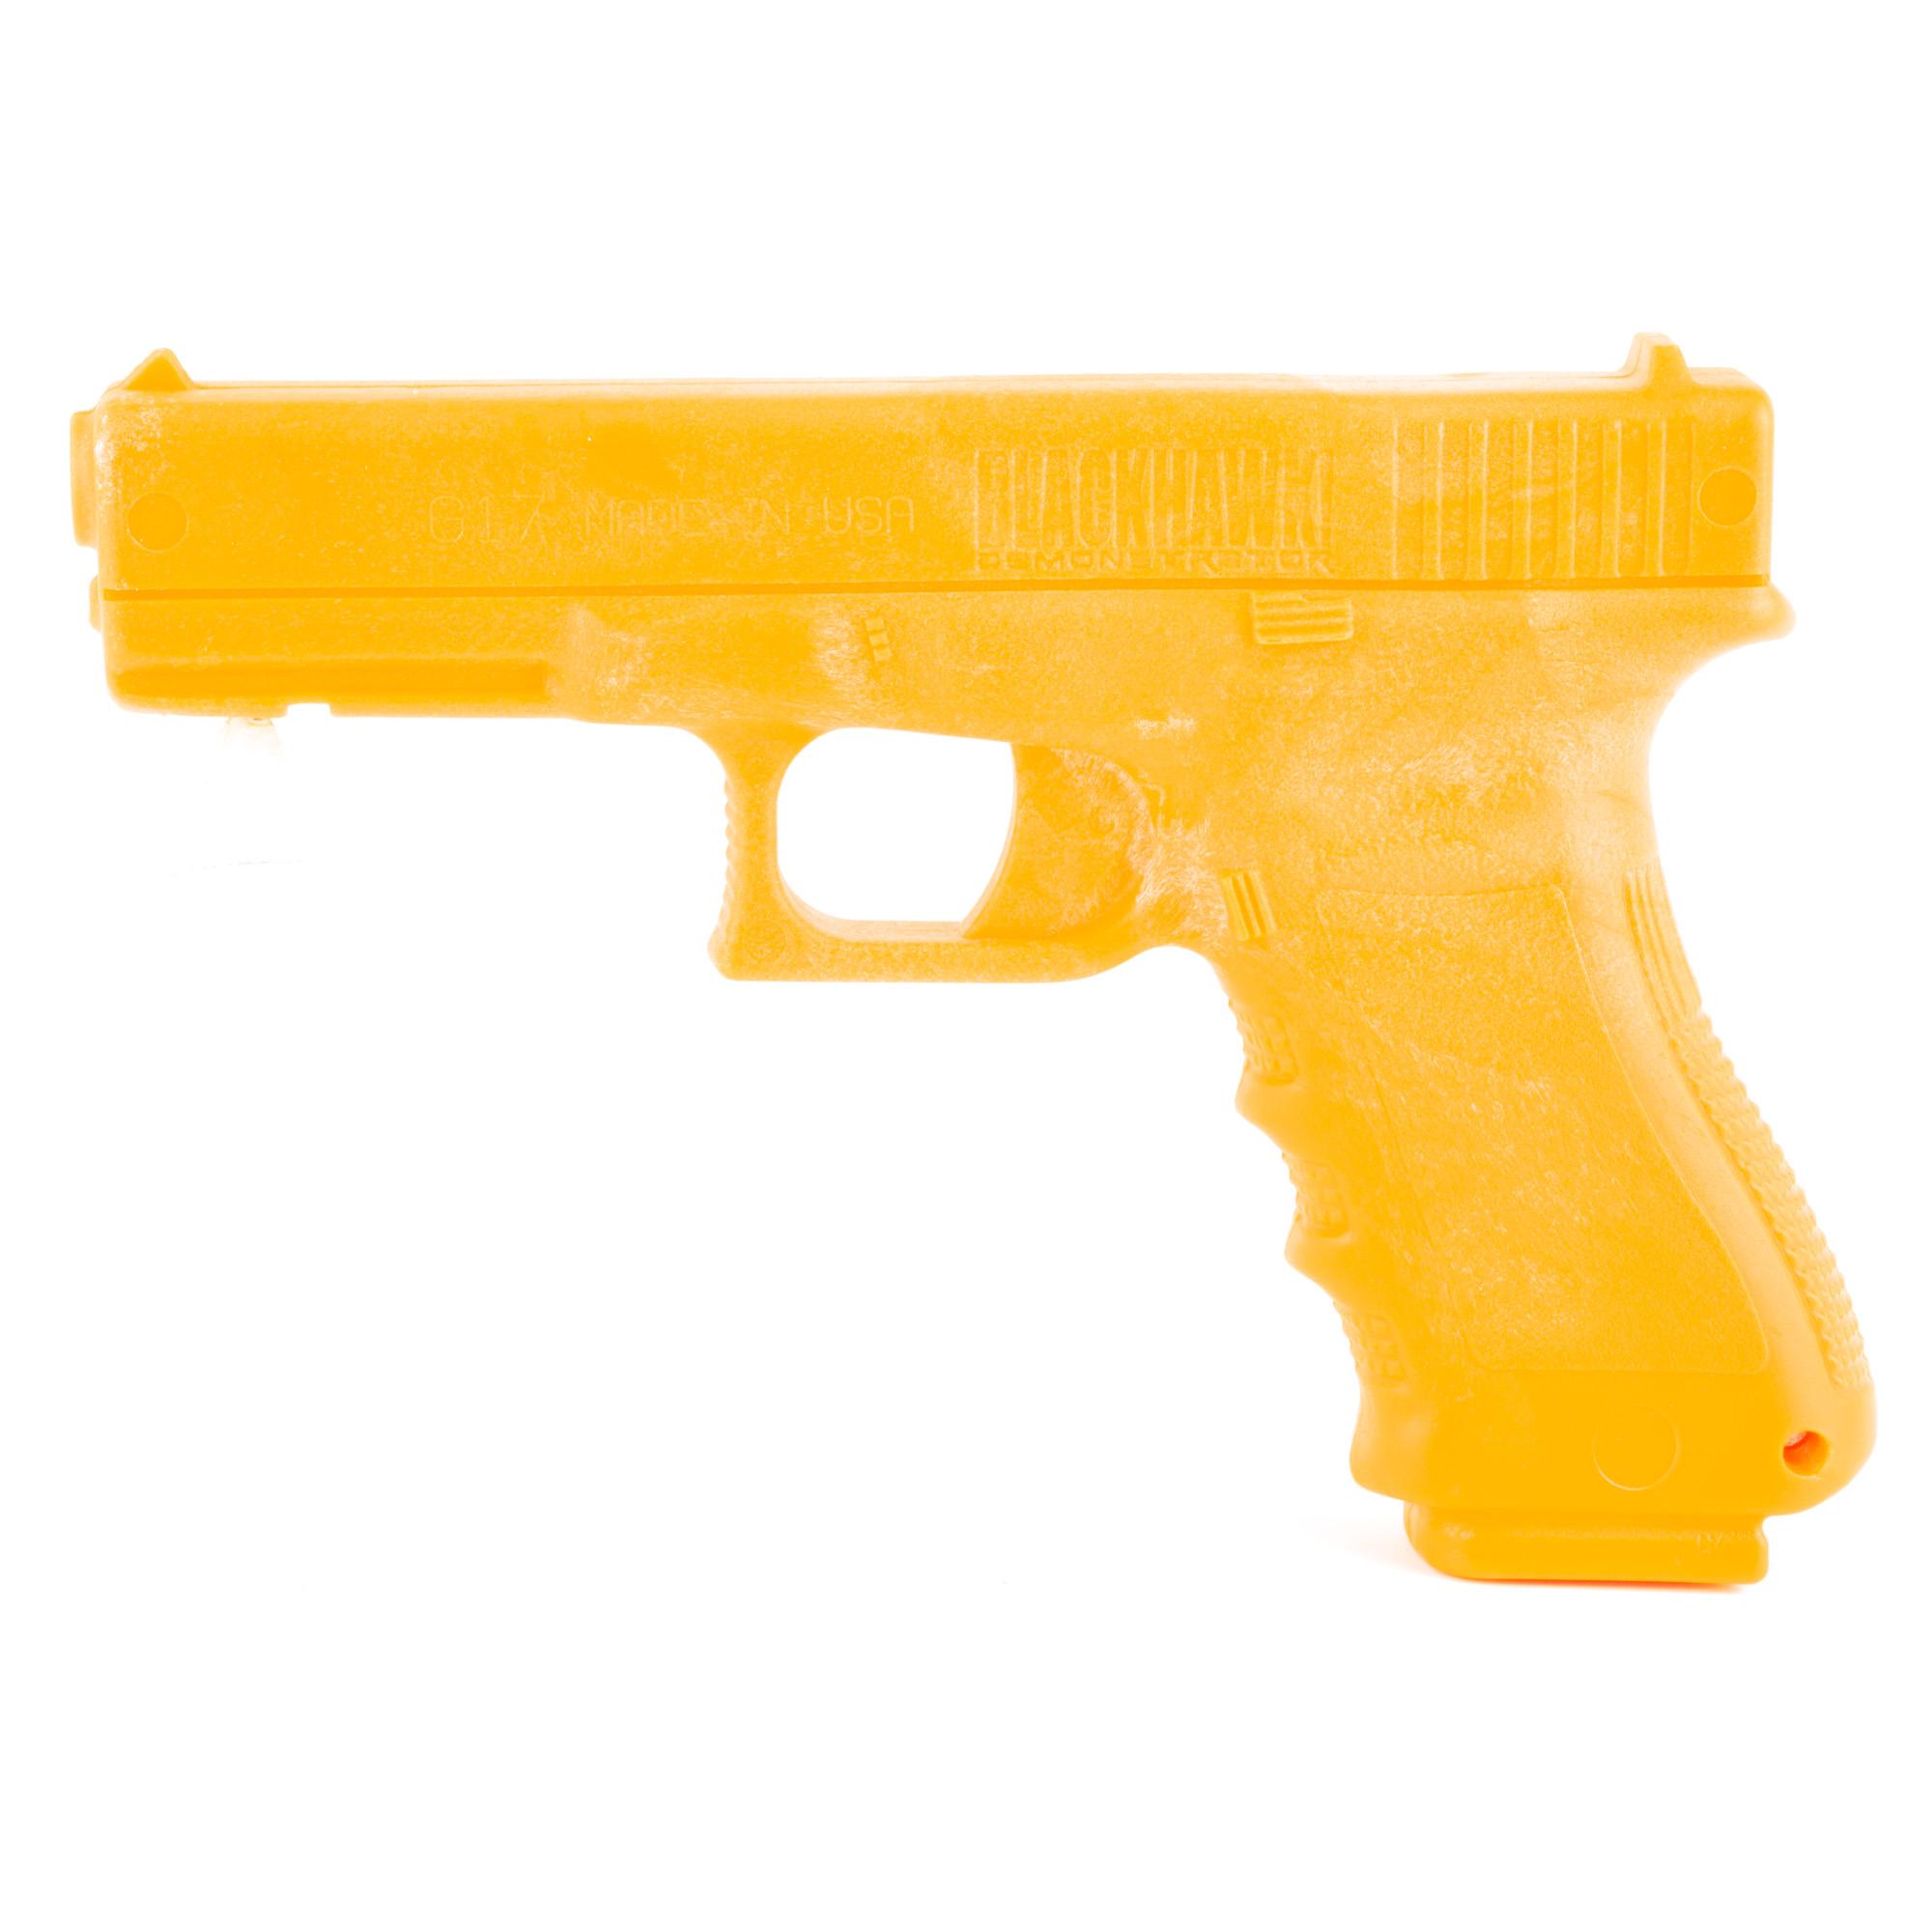 Bh Demonstrator Gun For Glk 17 Org